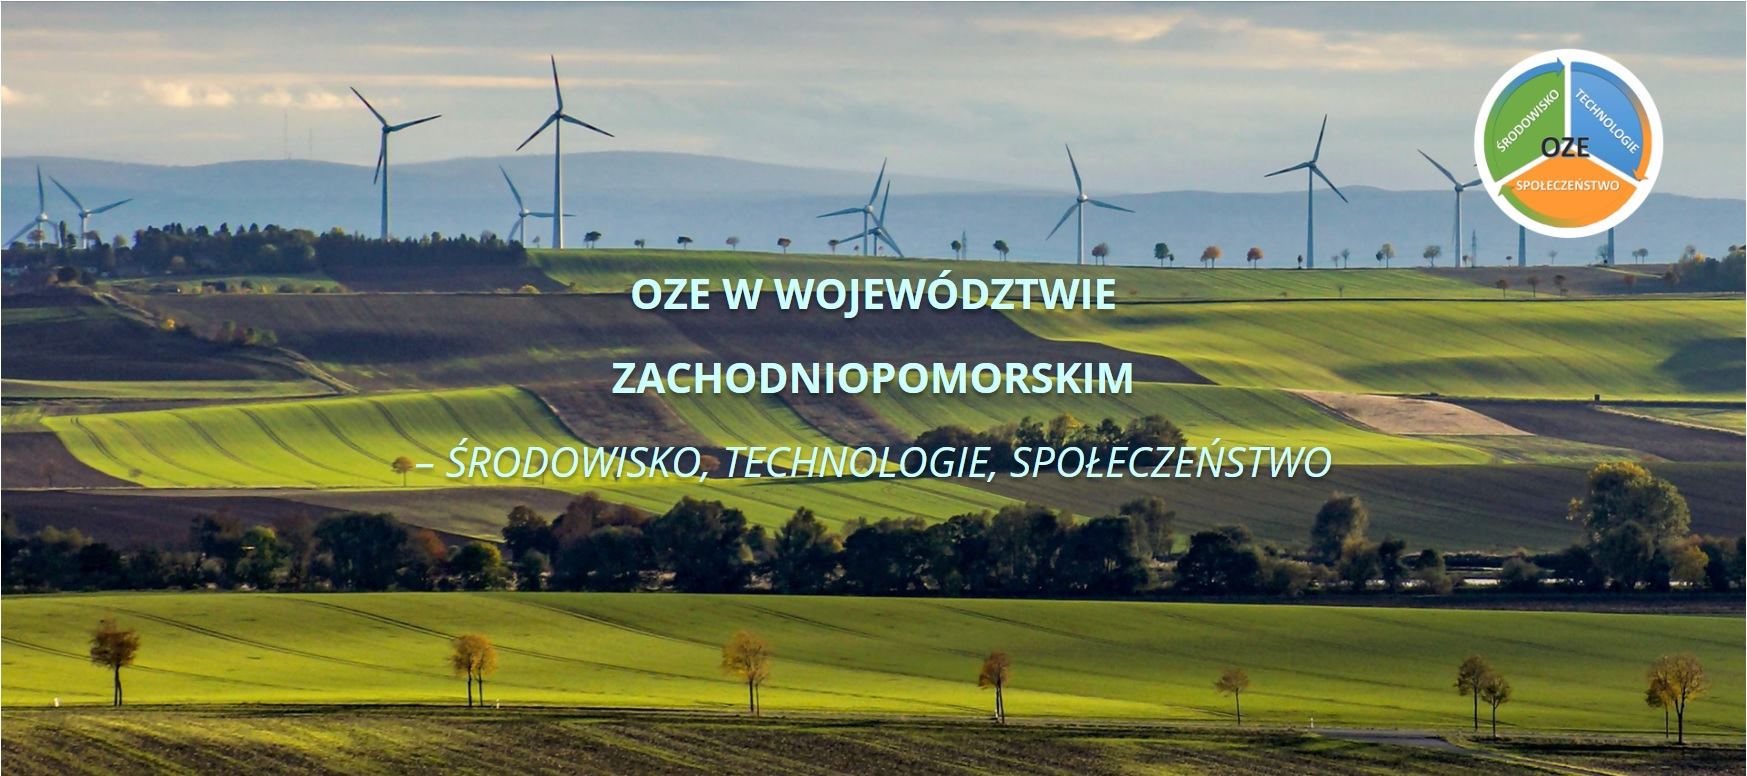 Konferencja OZE W WOJEWÓDZTWIE ZACHODNIOPOMORSKIM - ŚRODOWISKO, TECHNOLOGIE, SPOŁECZEŃSTWO już 21.09.2021 r.!